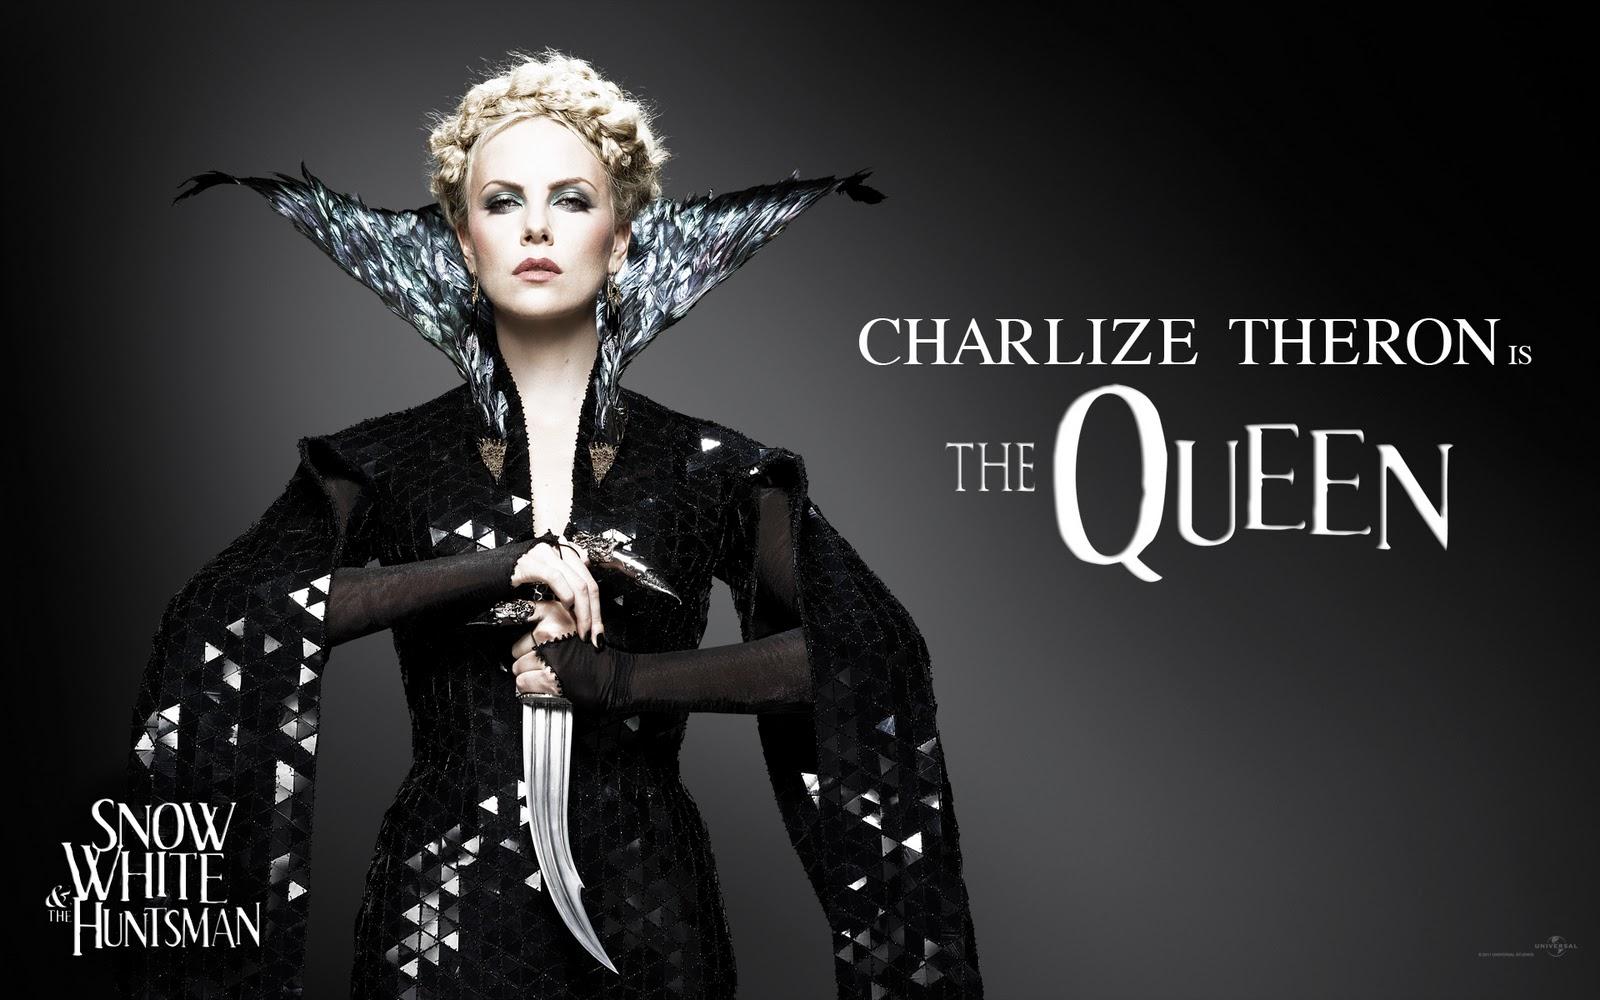 http://4.bp.blogspot.com/-JGXp2NLsB2E/TyGjOtRSJbI/AAAAAAAABVk/ZuOUOyalx0w/s1600/queen.jpg